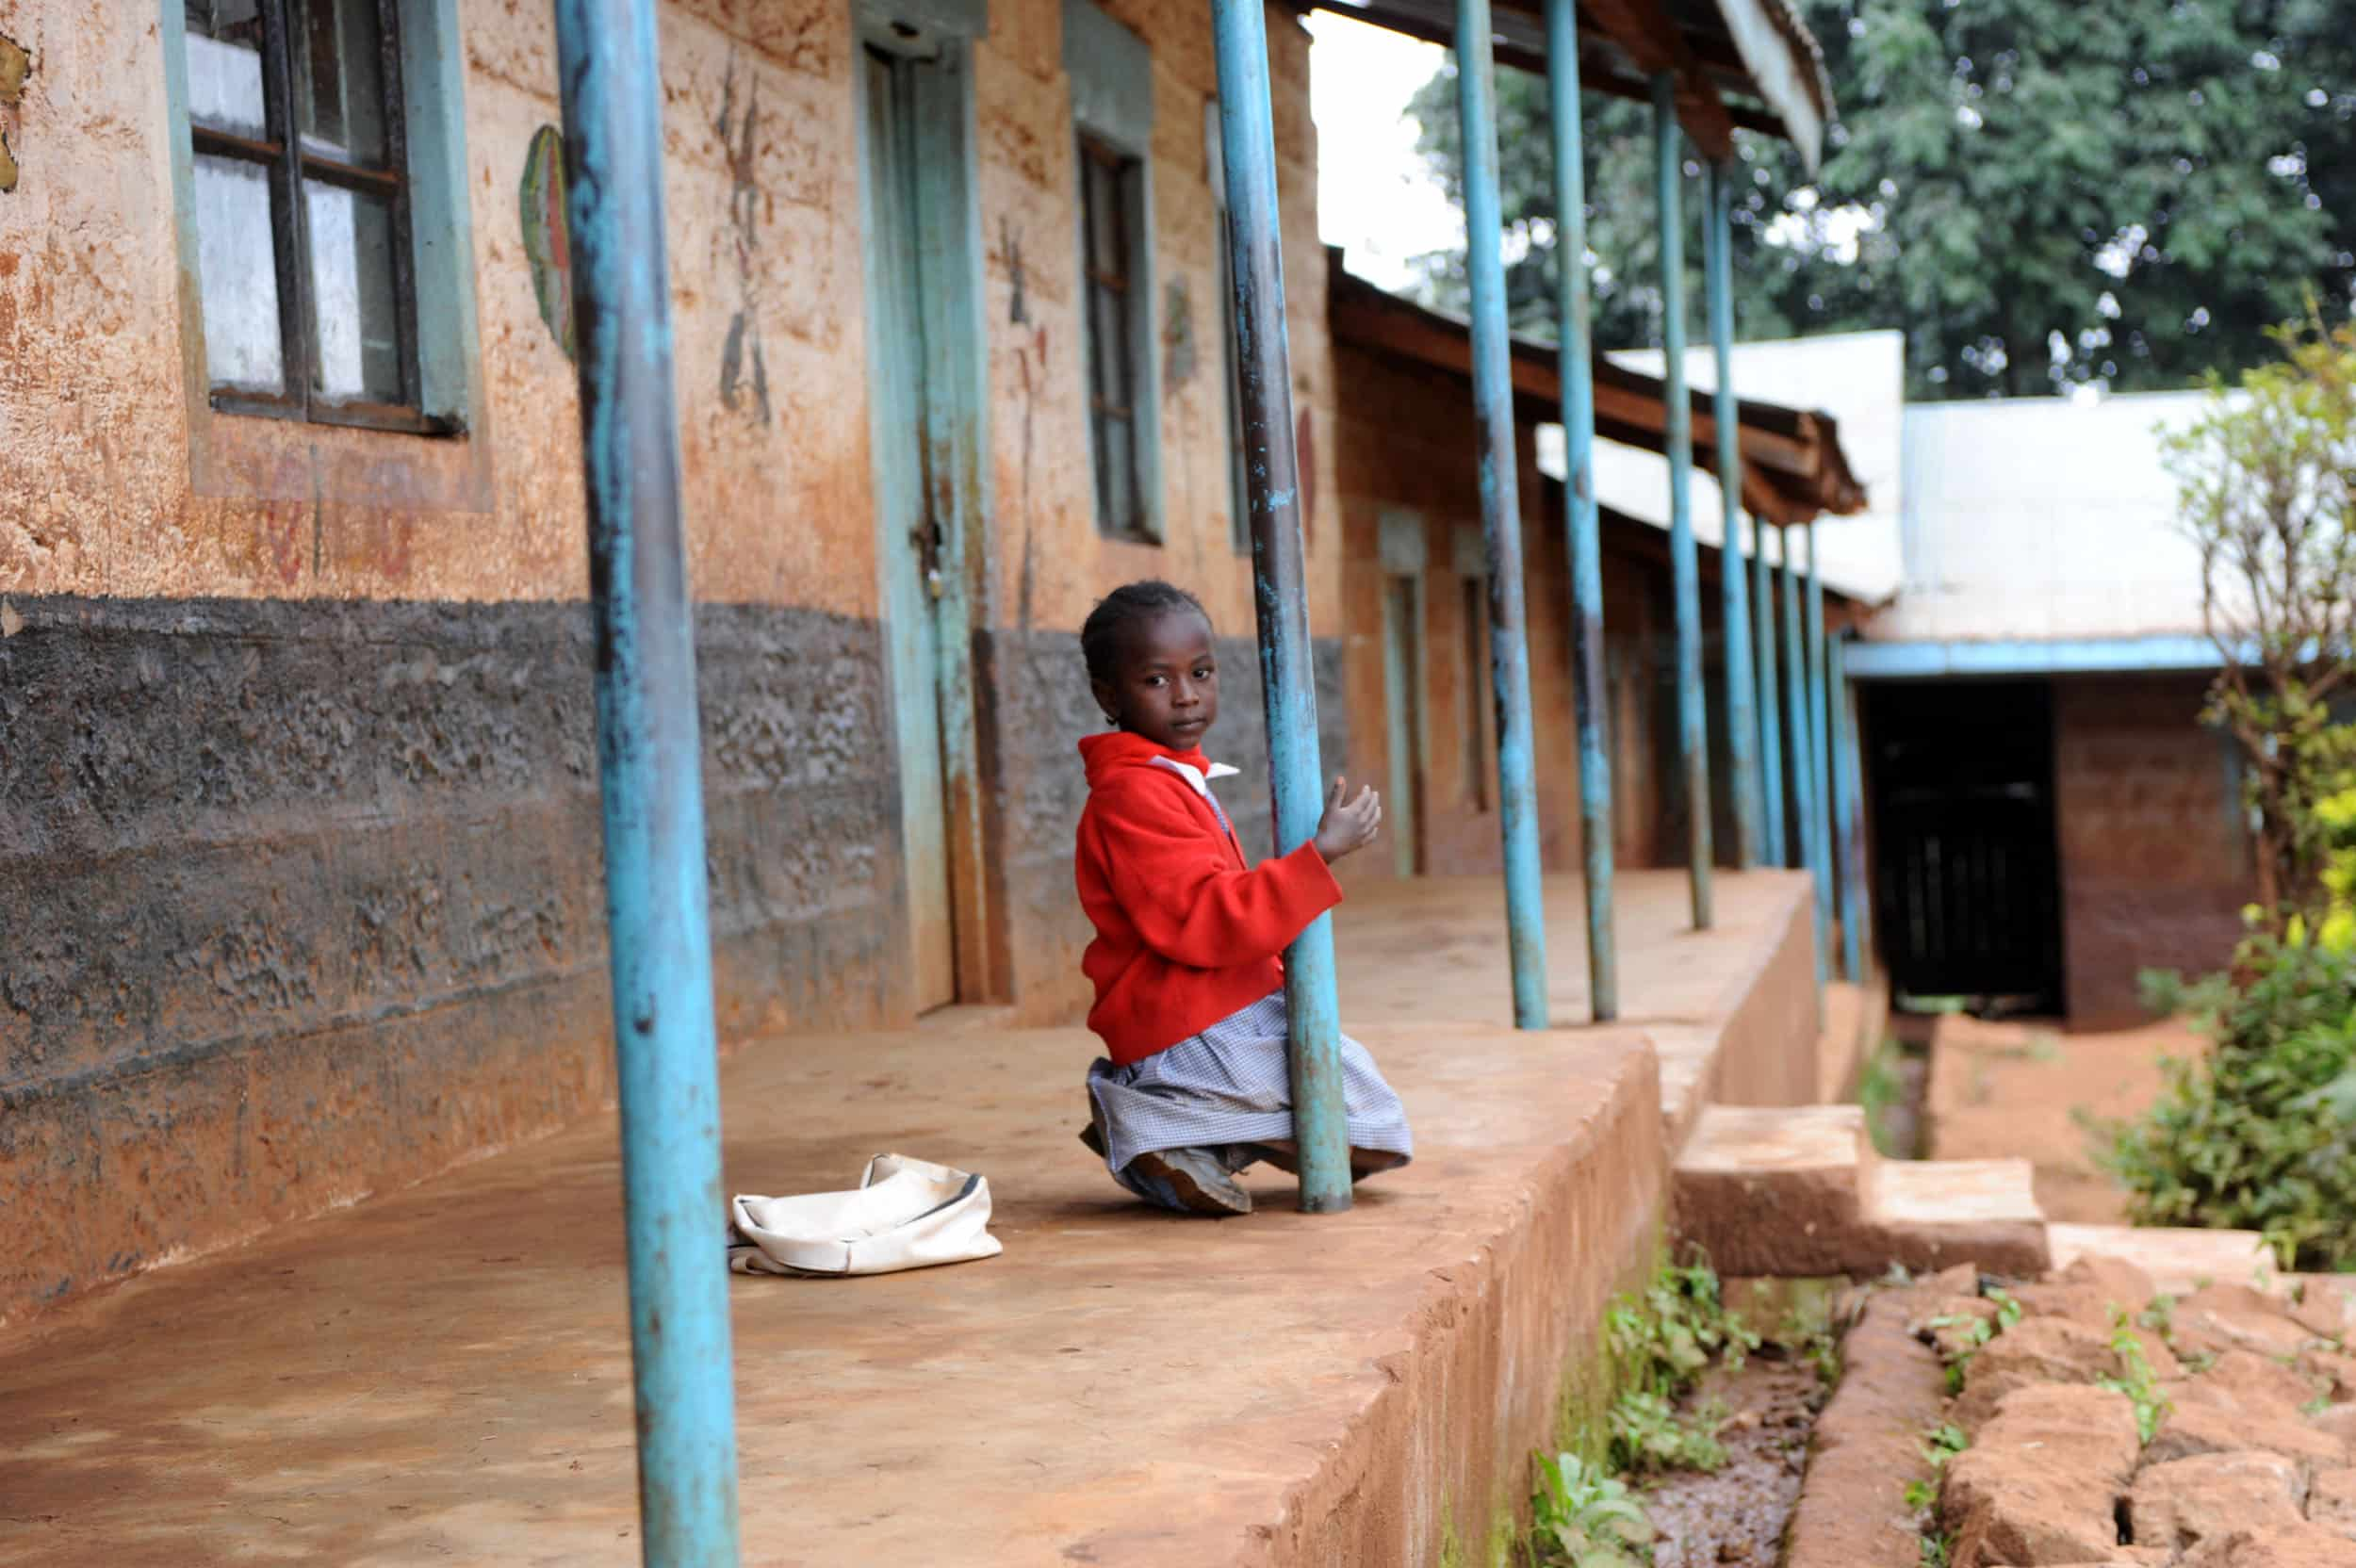 Mejora del acceso a la escolarización maternal y elemental de niños en situación de marginación, en Johannesburgo.